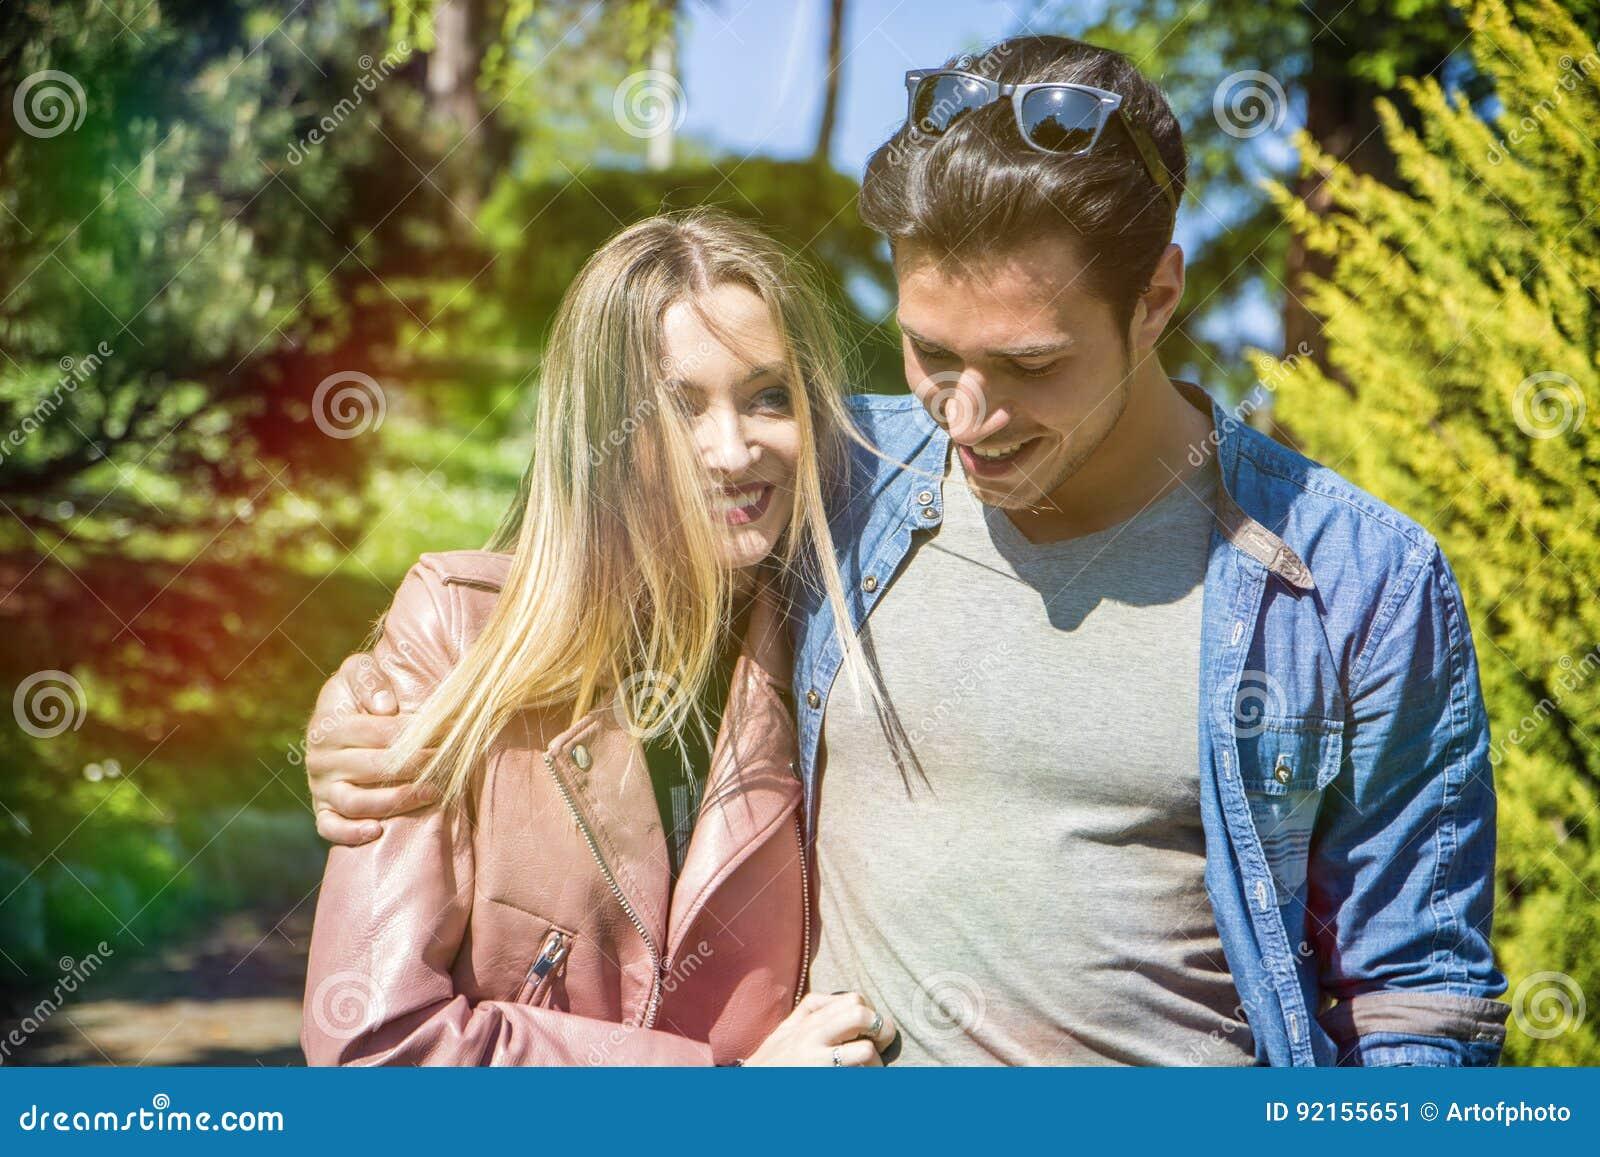 goo Hara och doojoon dating